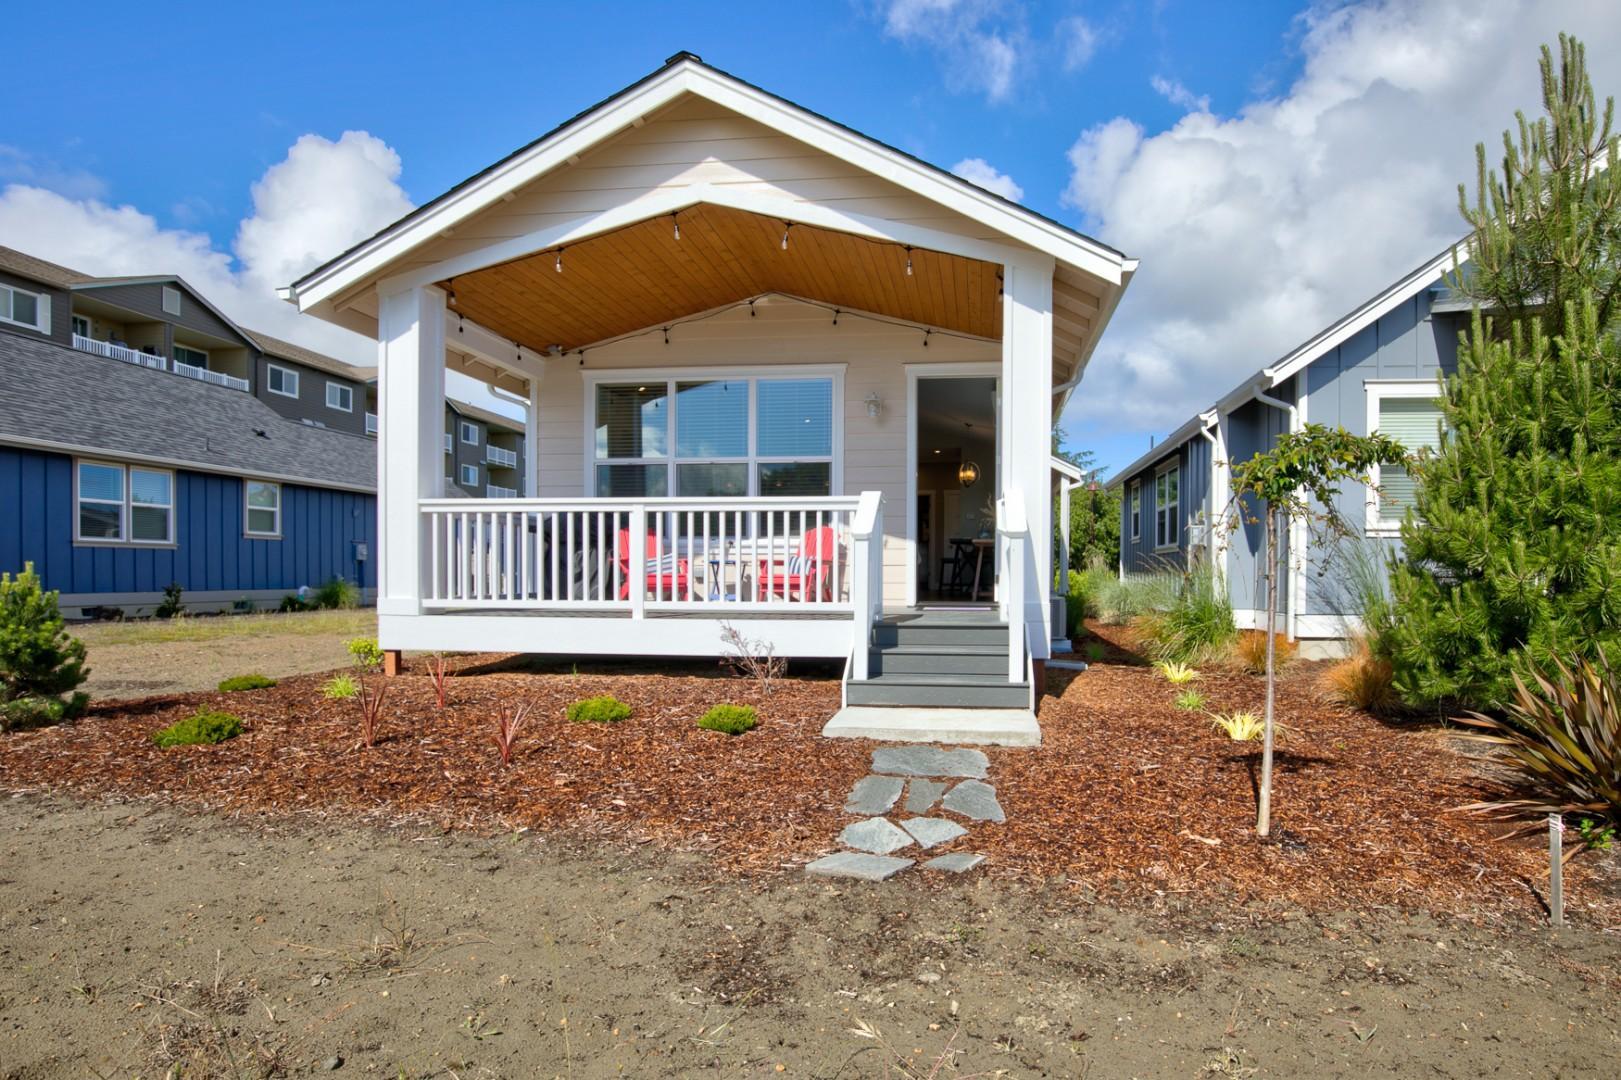 027 Tranquility Base Cottage